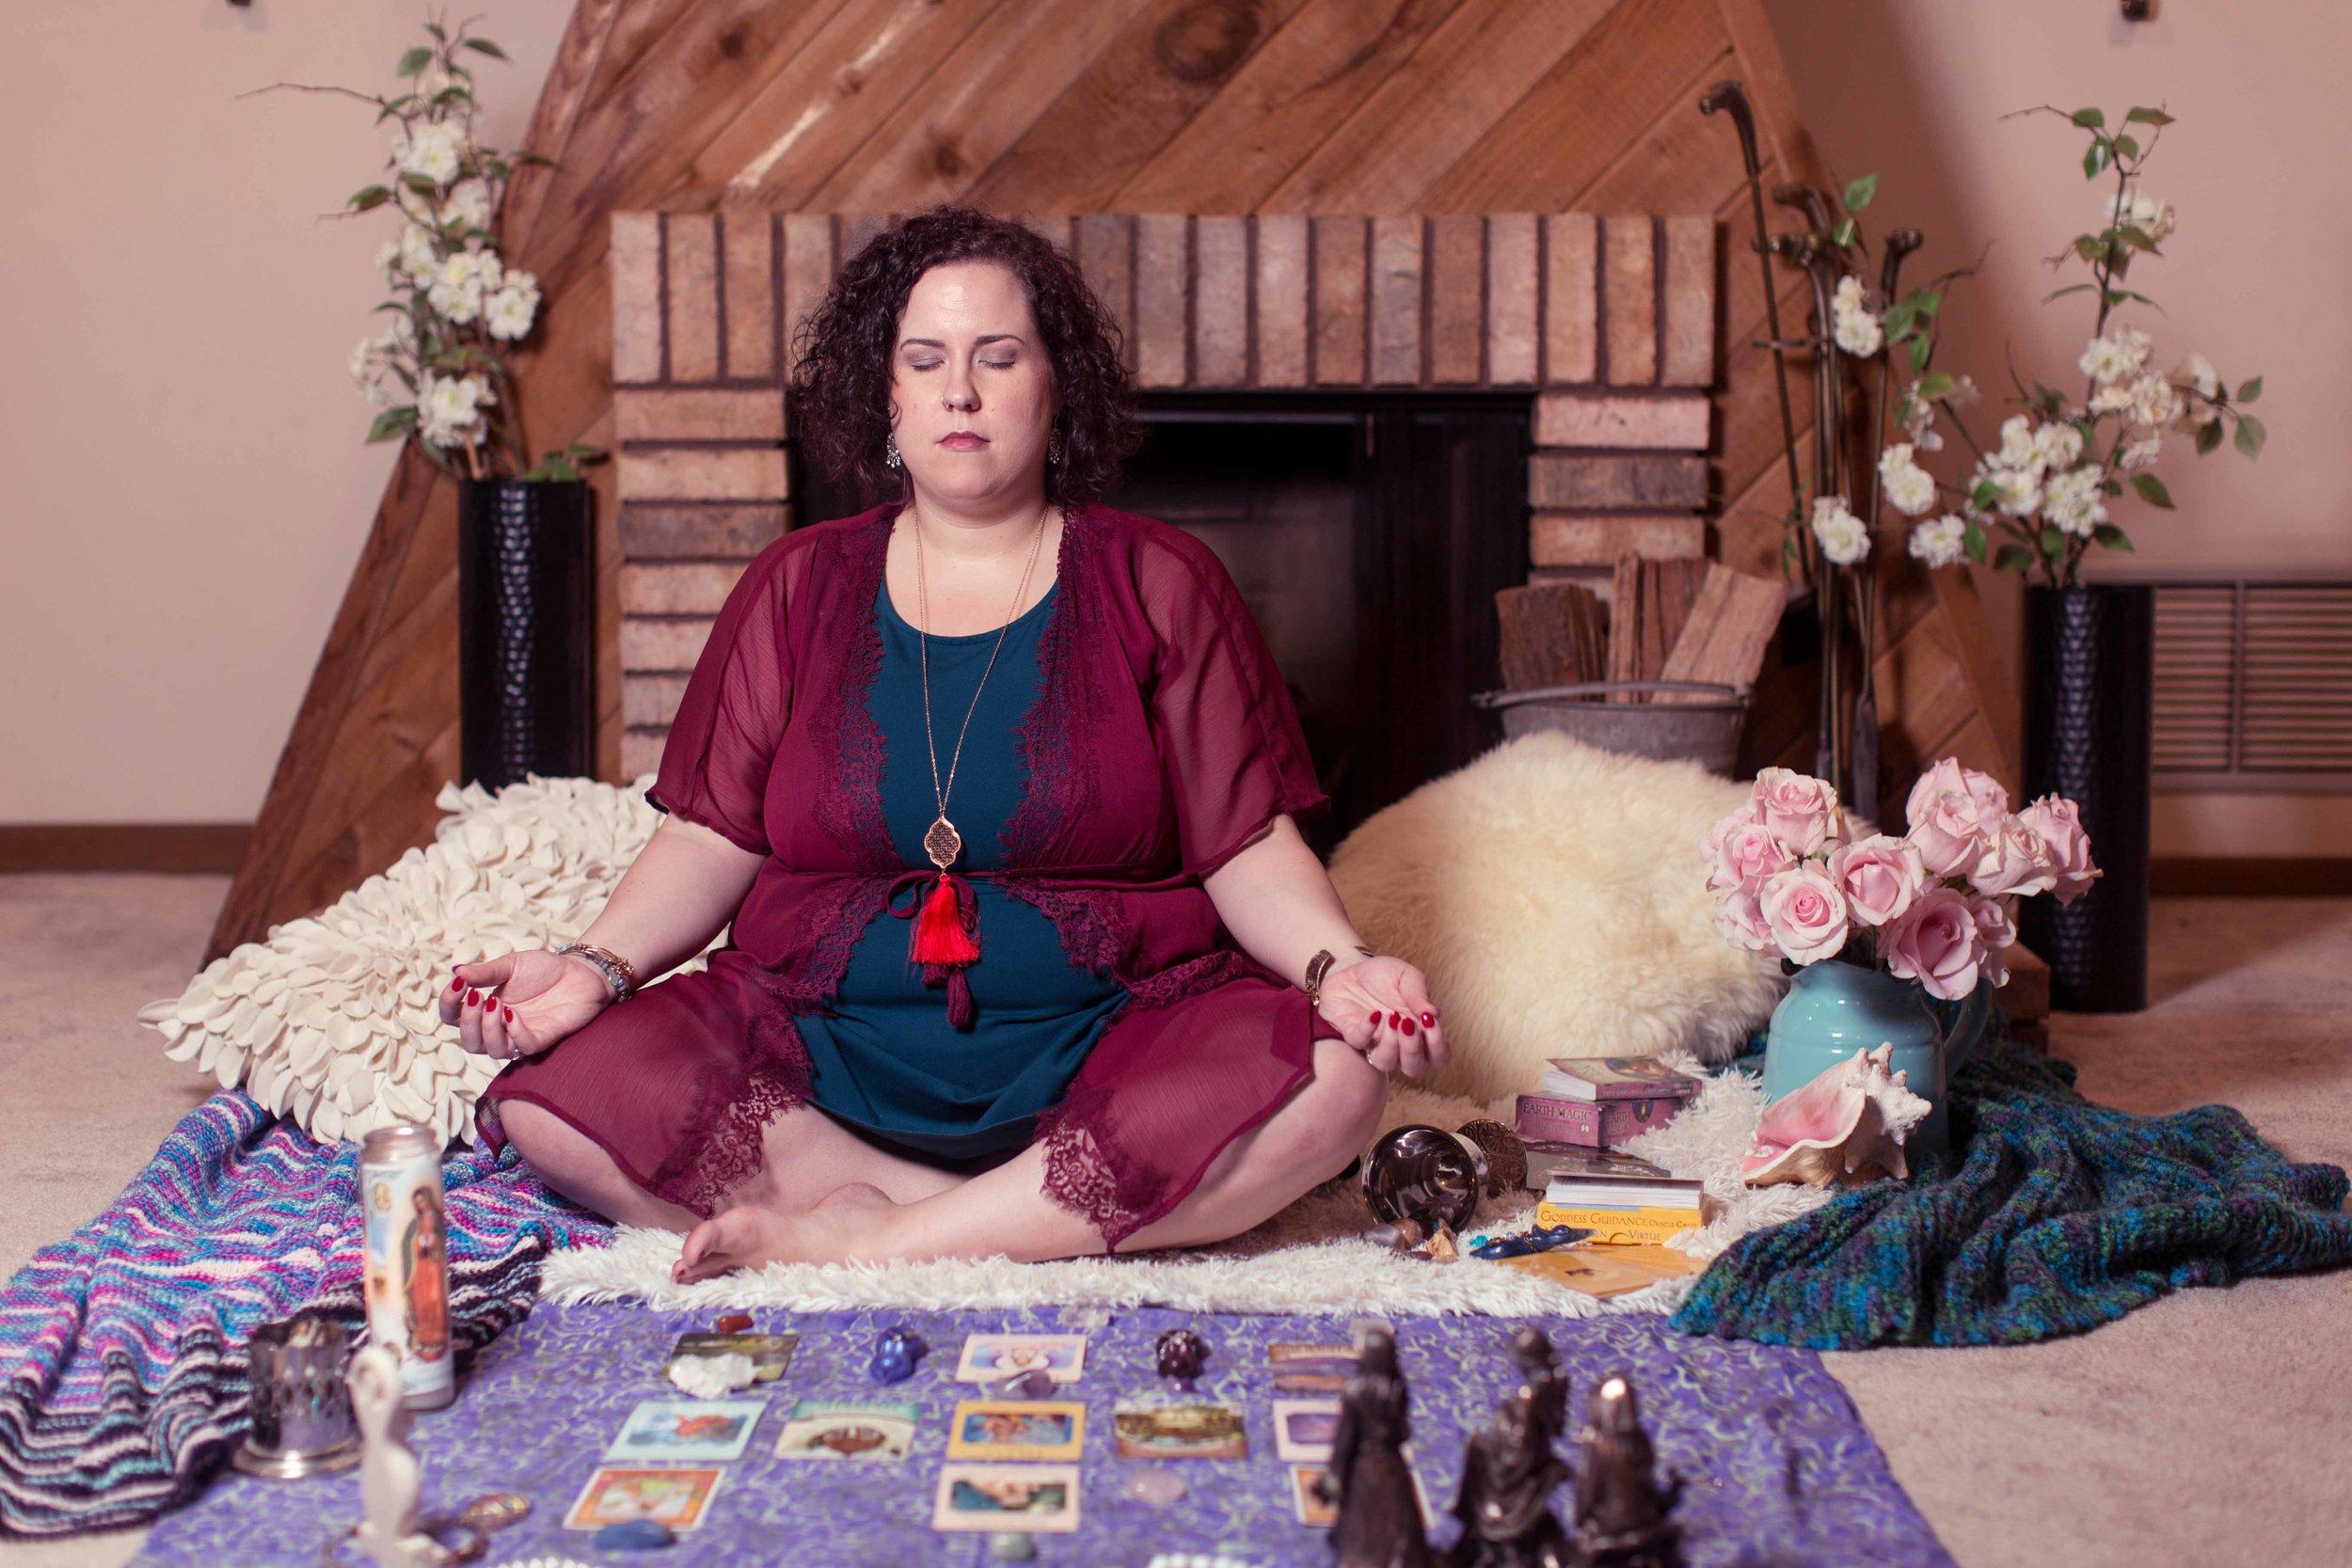 personal-branding-photography-spiritual-entrepreneur-south-florida